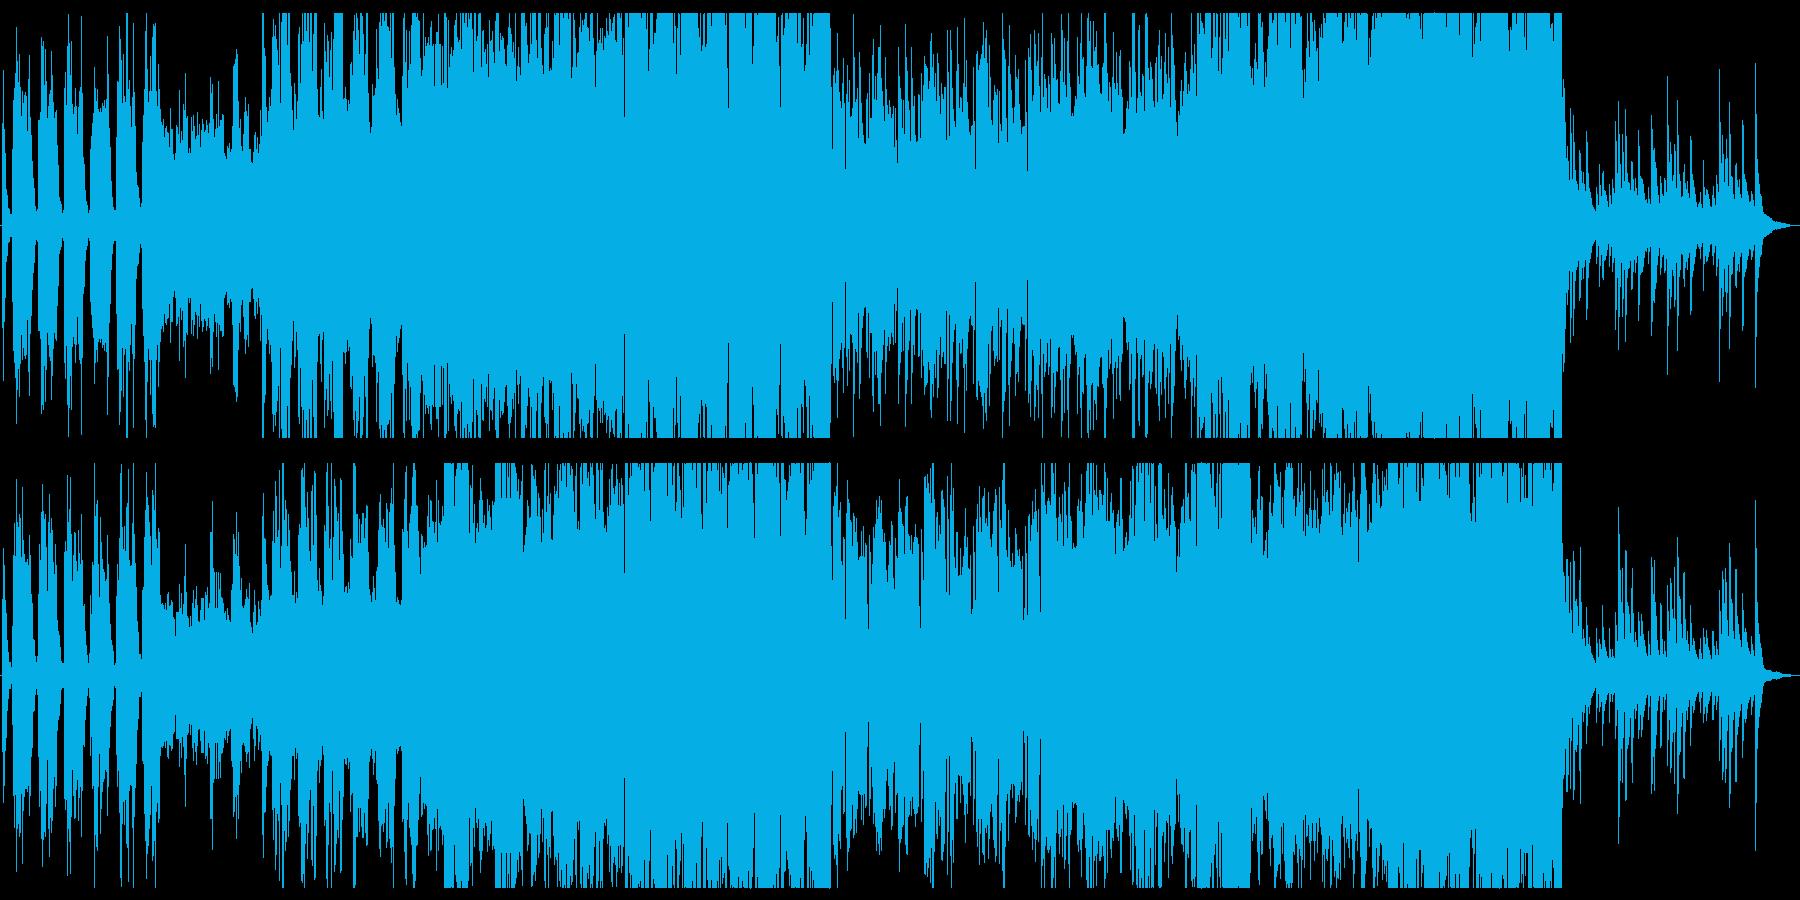 高貴な雰囲気のクラシカル曲の再生済みの波形